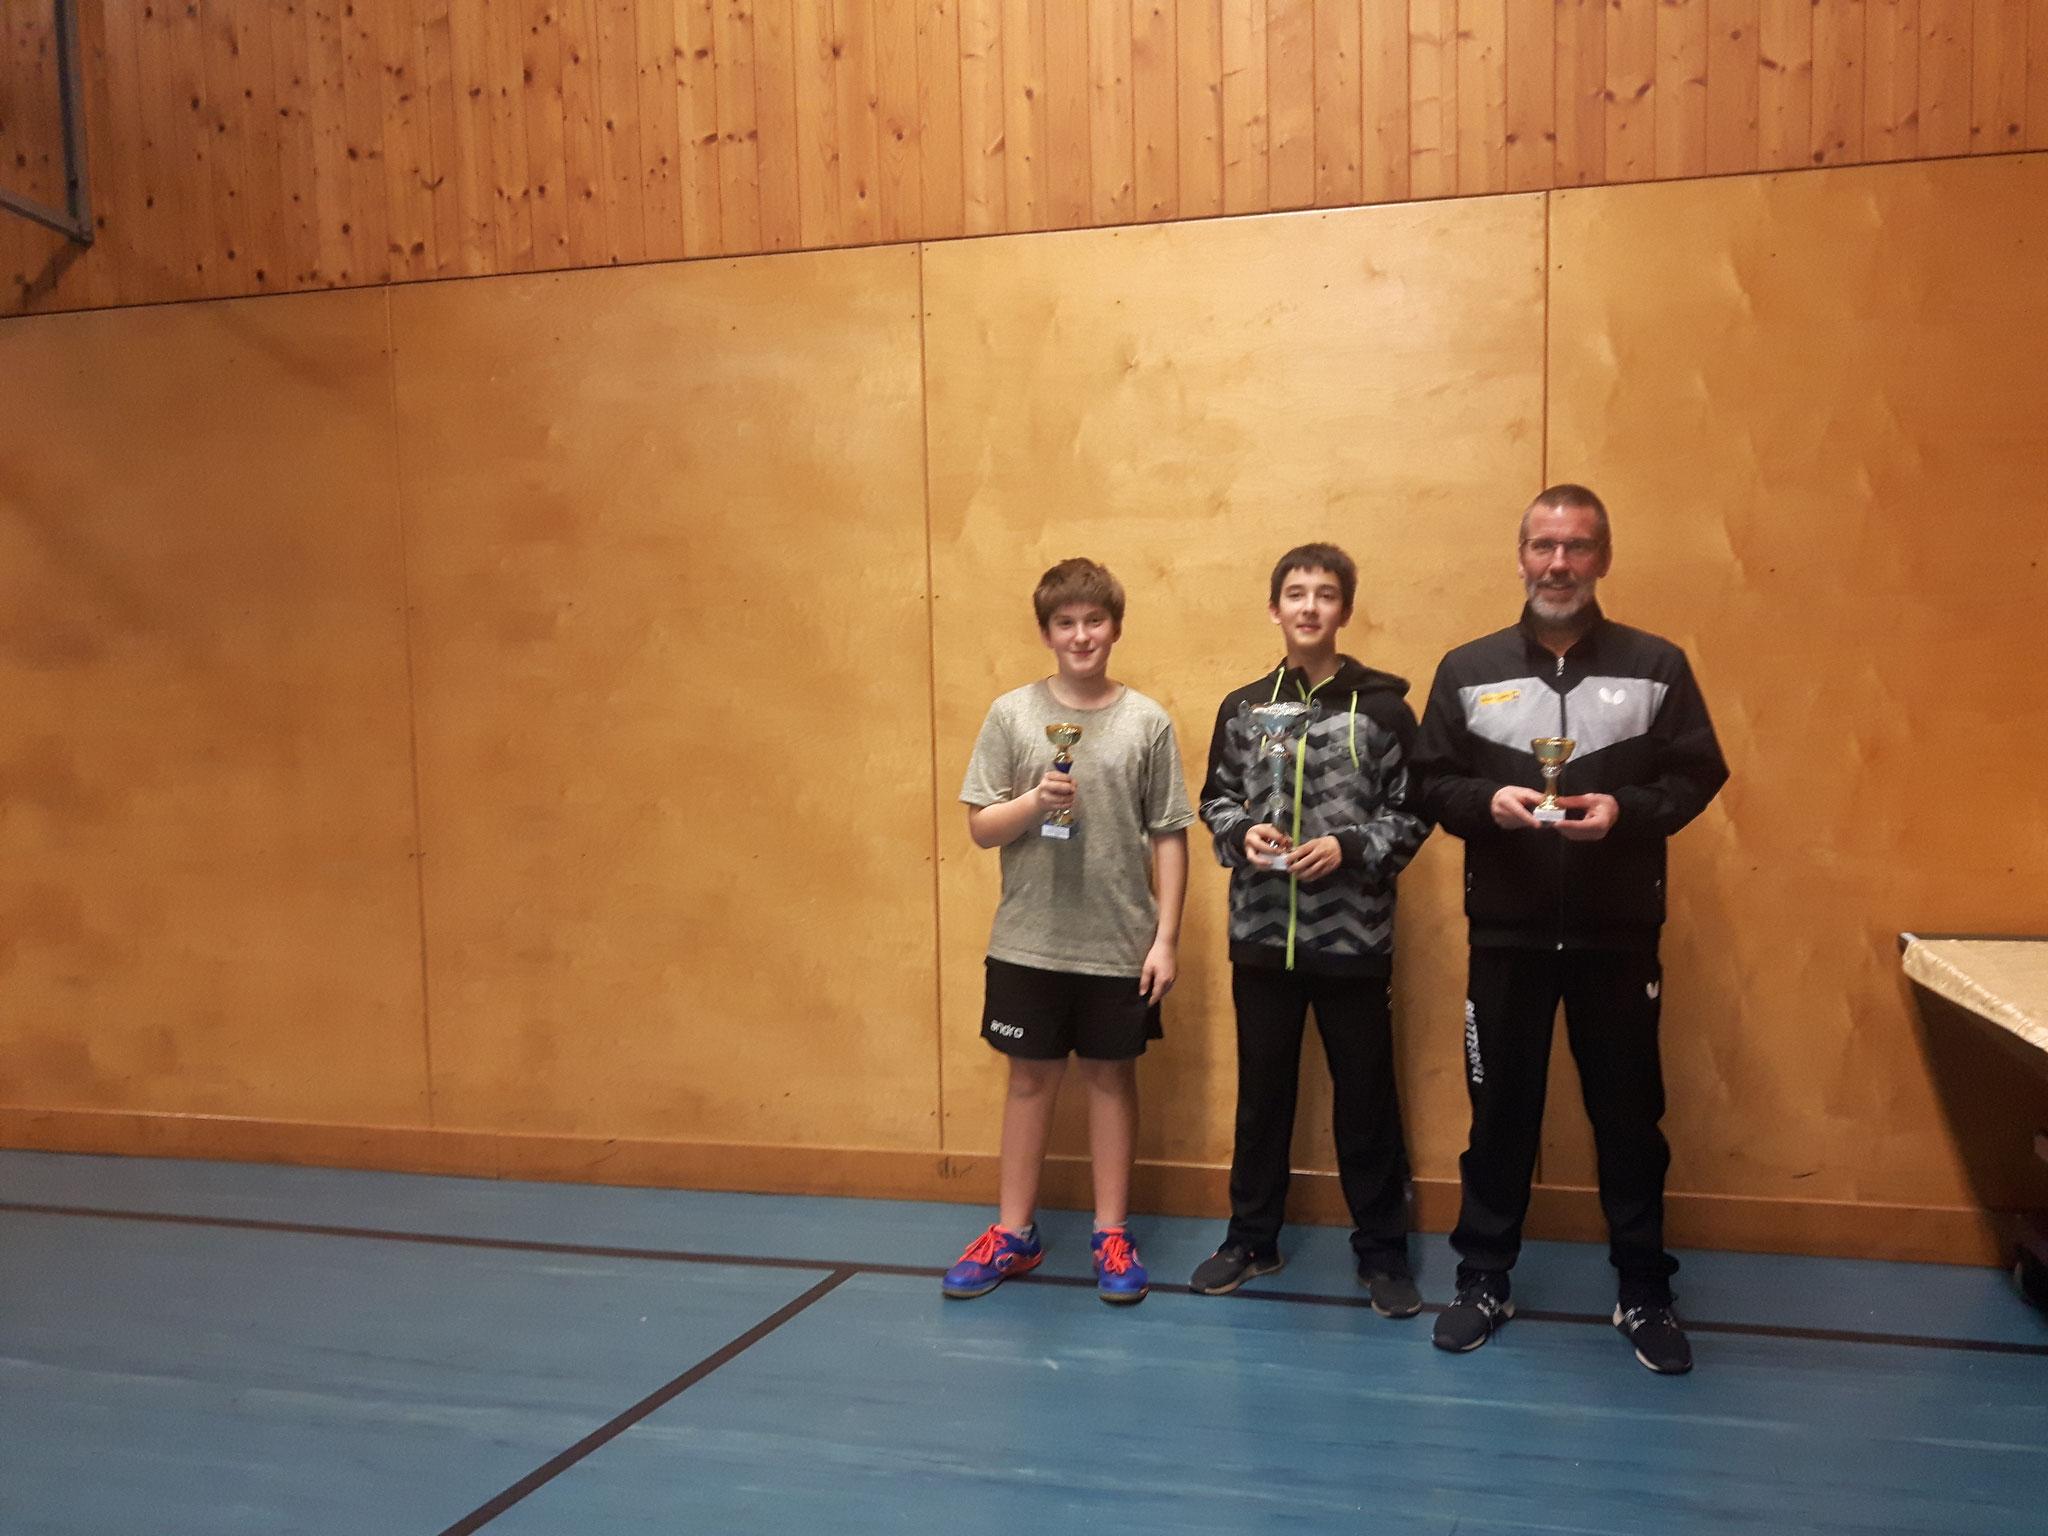 Siegerfoto Bewerb E: v.l.n.r. Florian Damm (SSTO) (Platz 2), Niklas Damm (SSTO) (Sieger), Erwin Gastinger (USTO) (Platz 3)